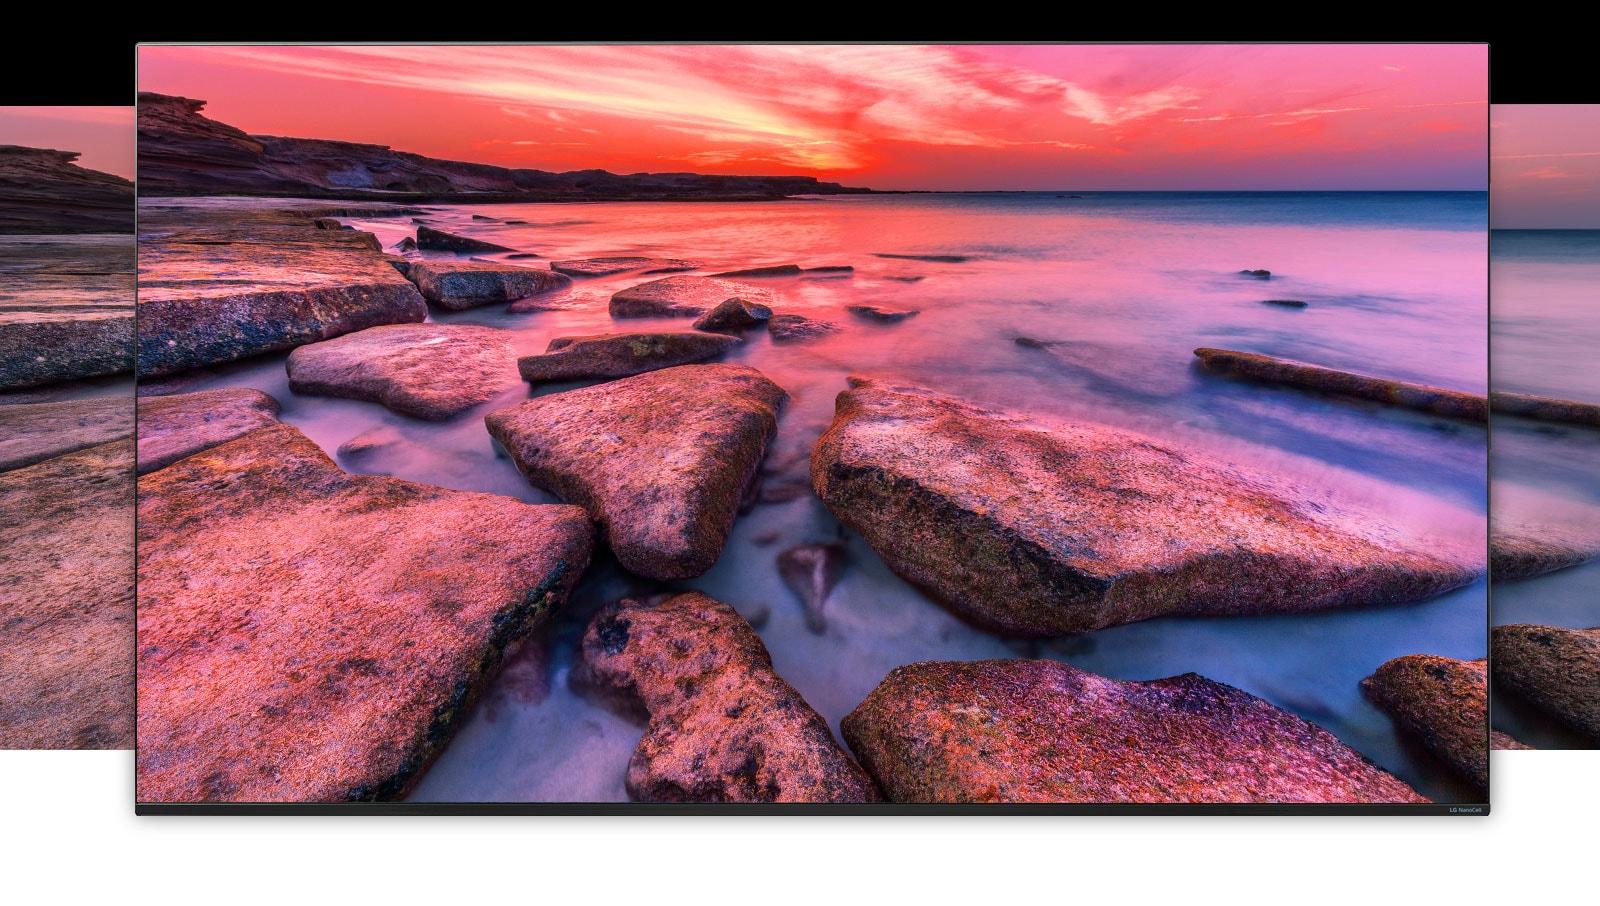 TV zaslon, ki prikazuje širok pogled na naravo